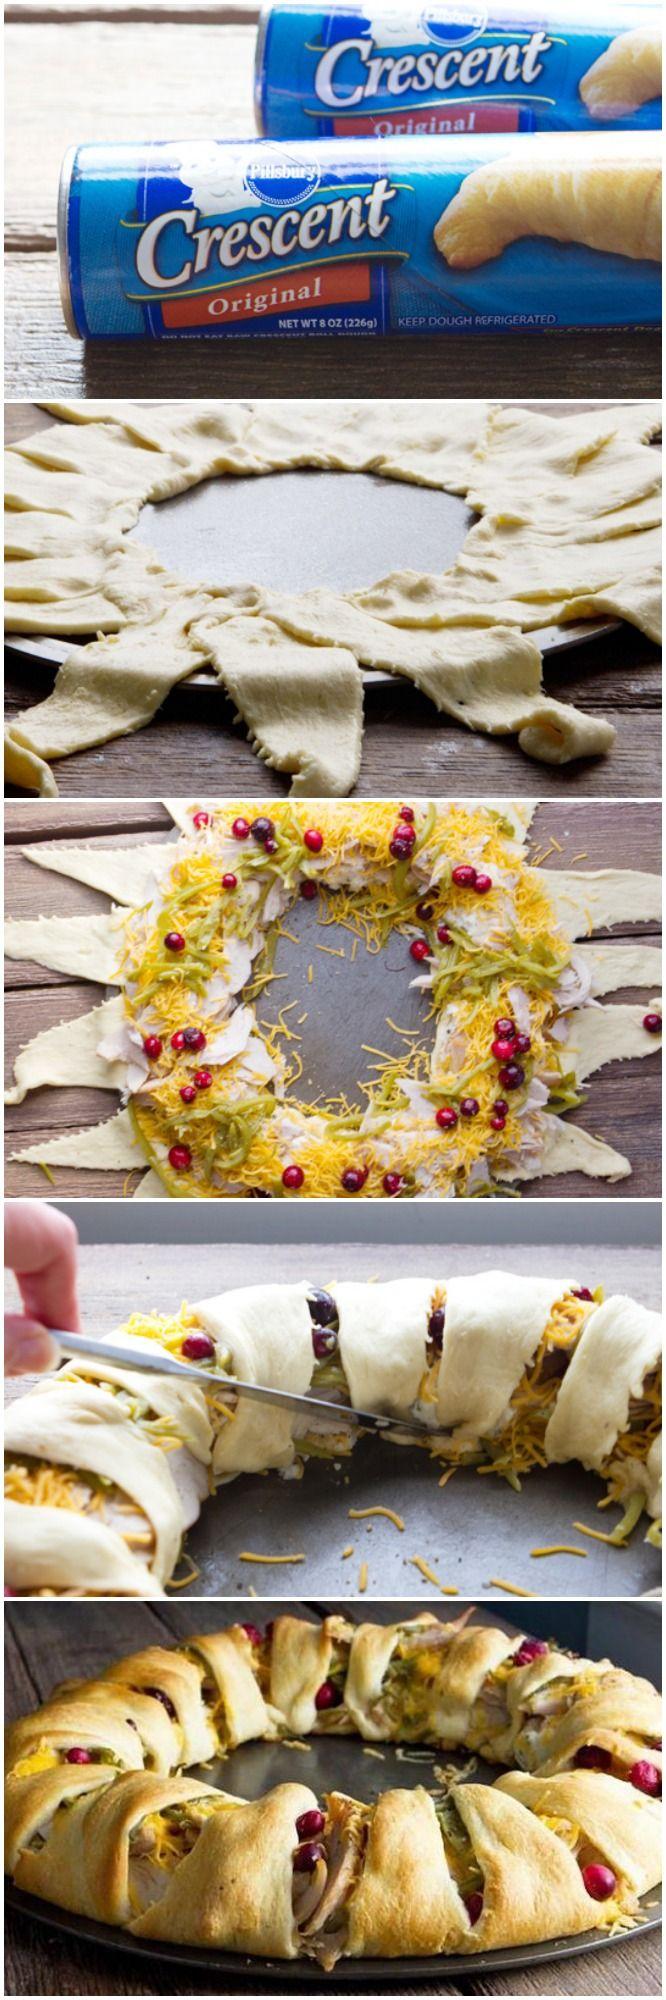 #Thanksgiving Dinner Crescent Ring #pillsbury #leftovers